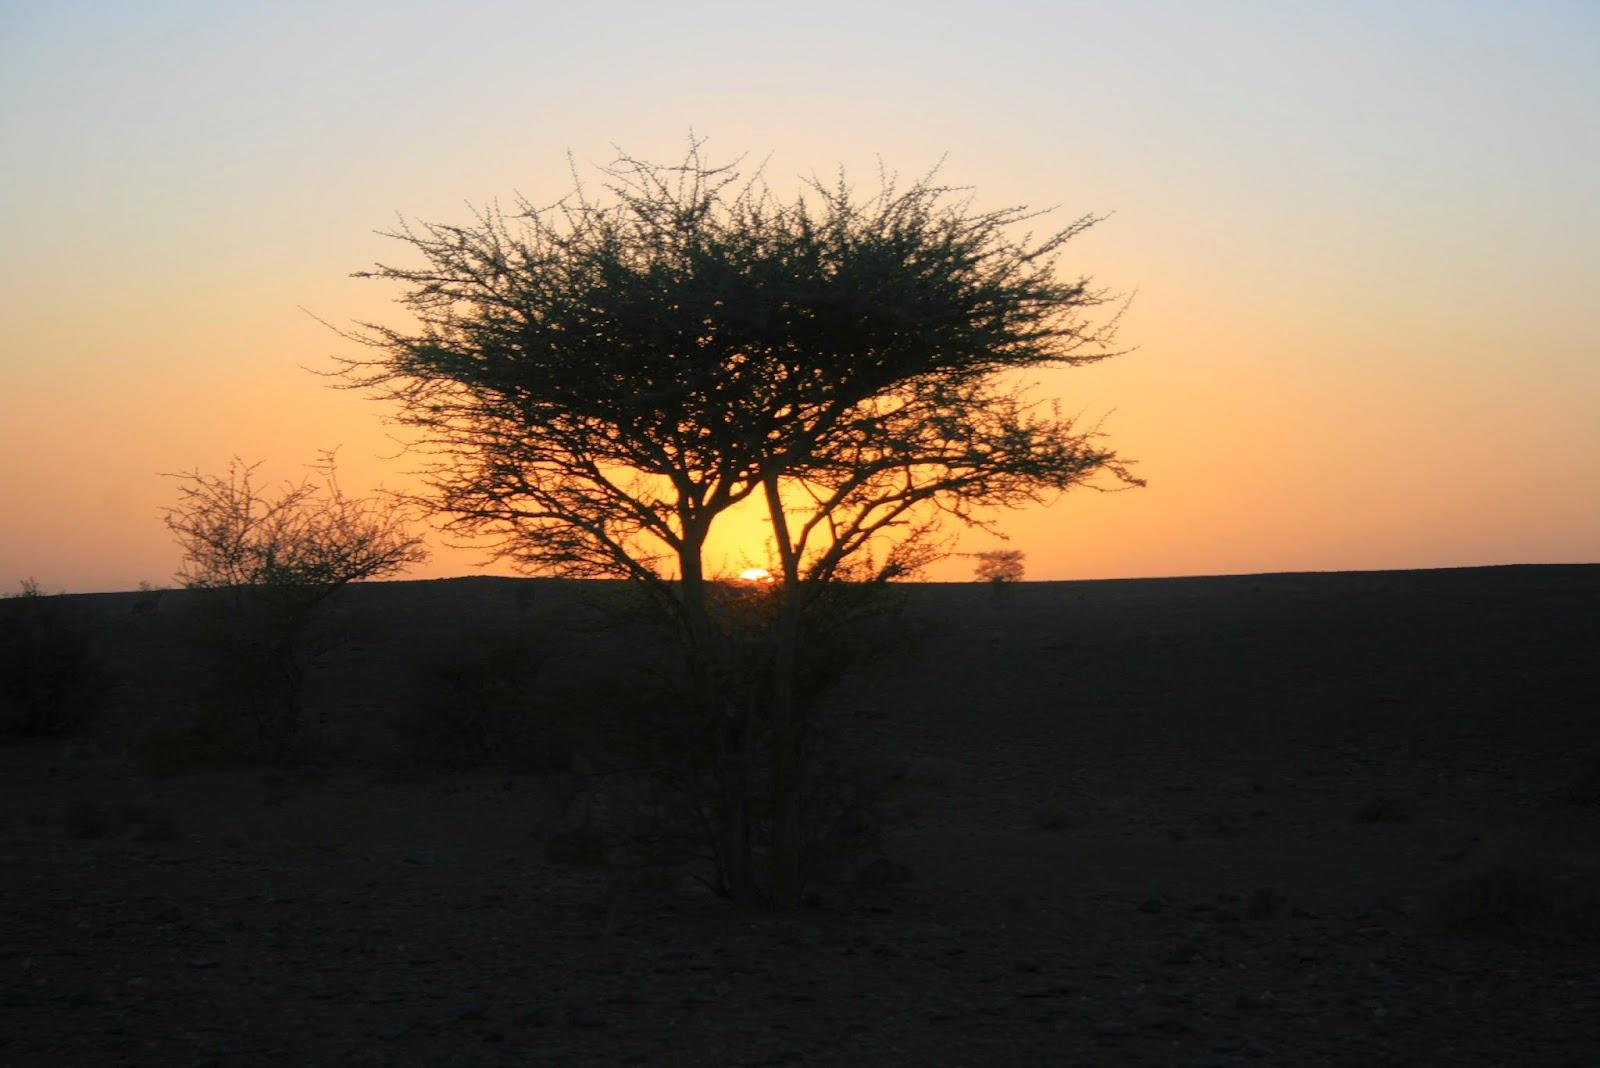 Viajar a marruecos, kasbah luna del sur, ouarzazate, atlas, desierto, felicidad